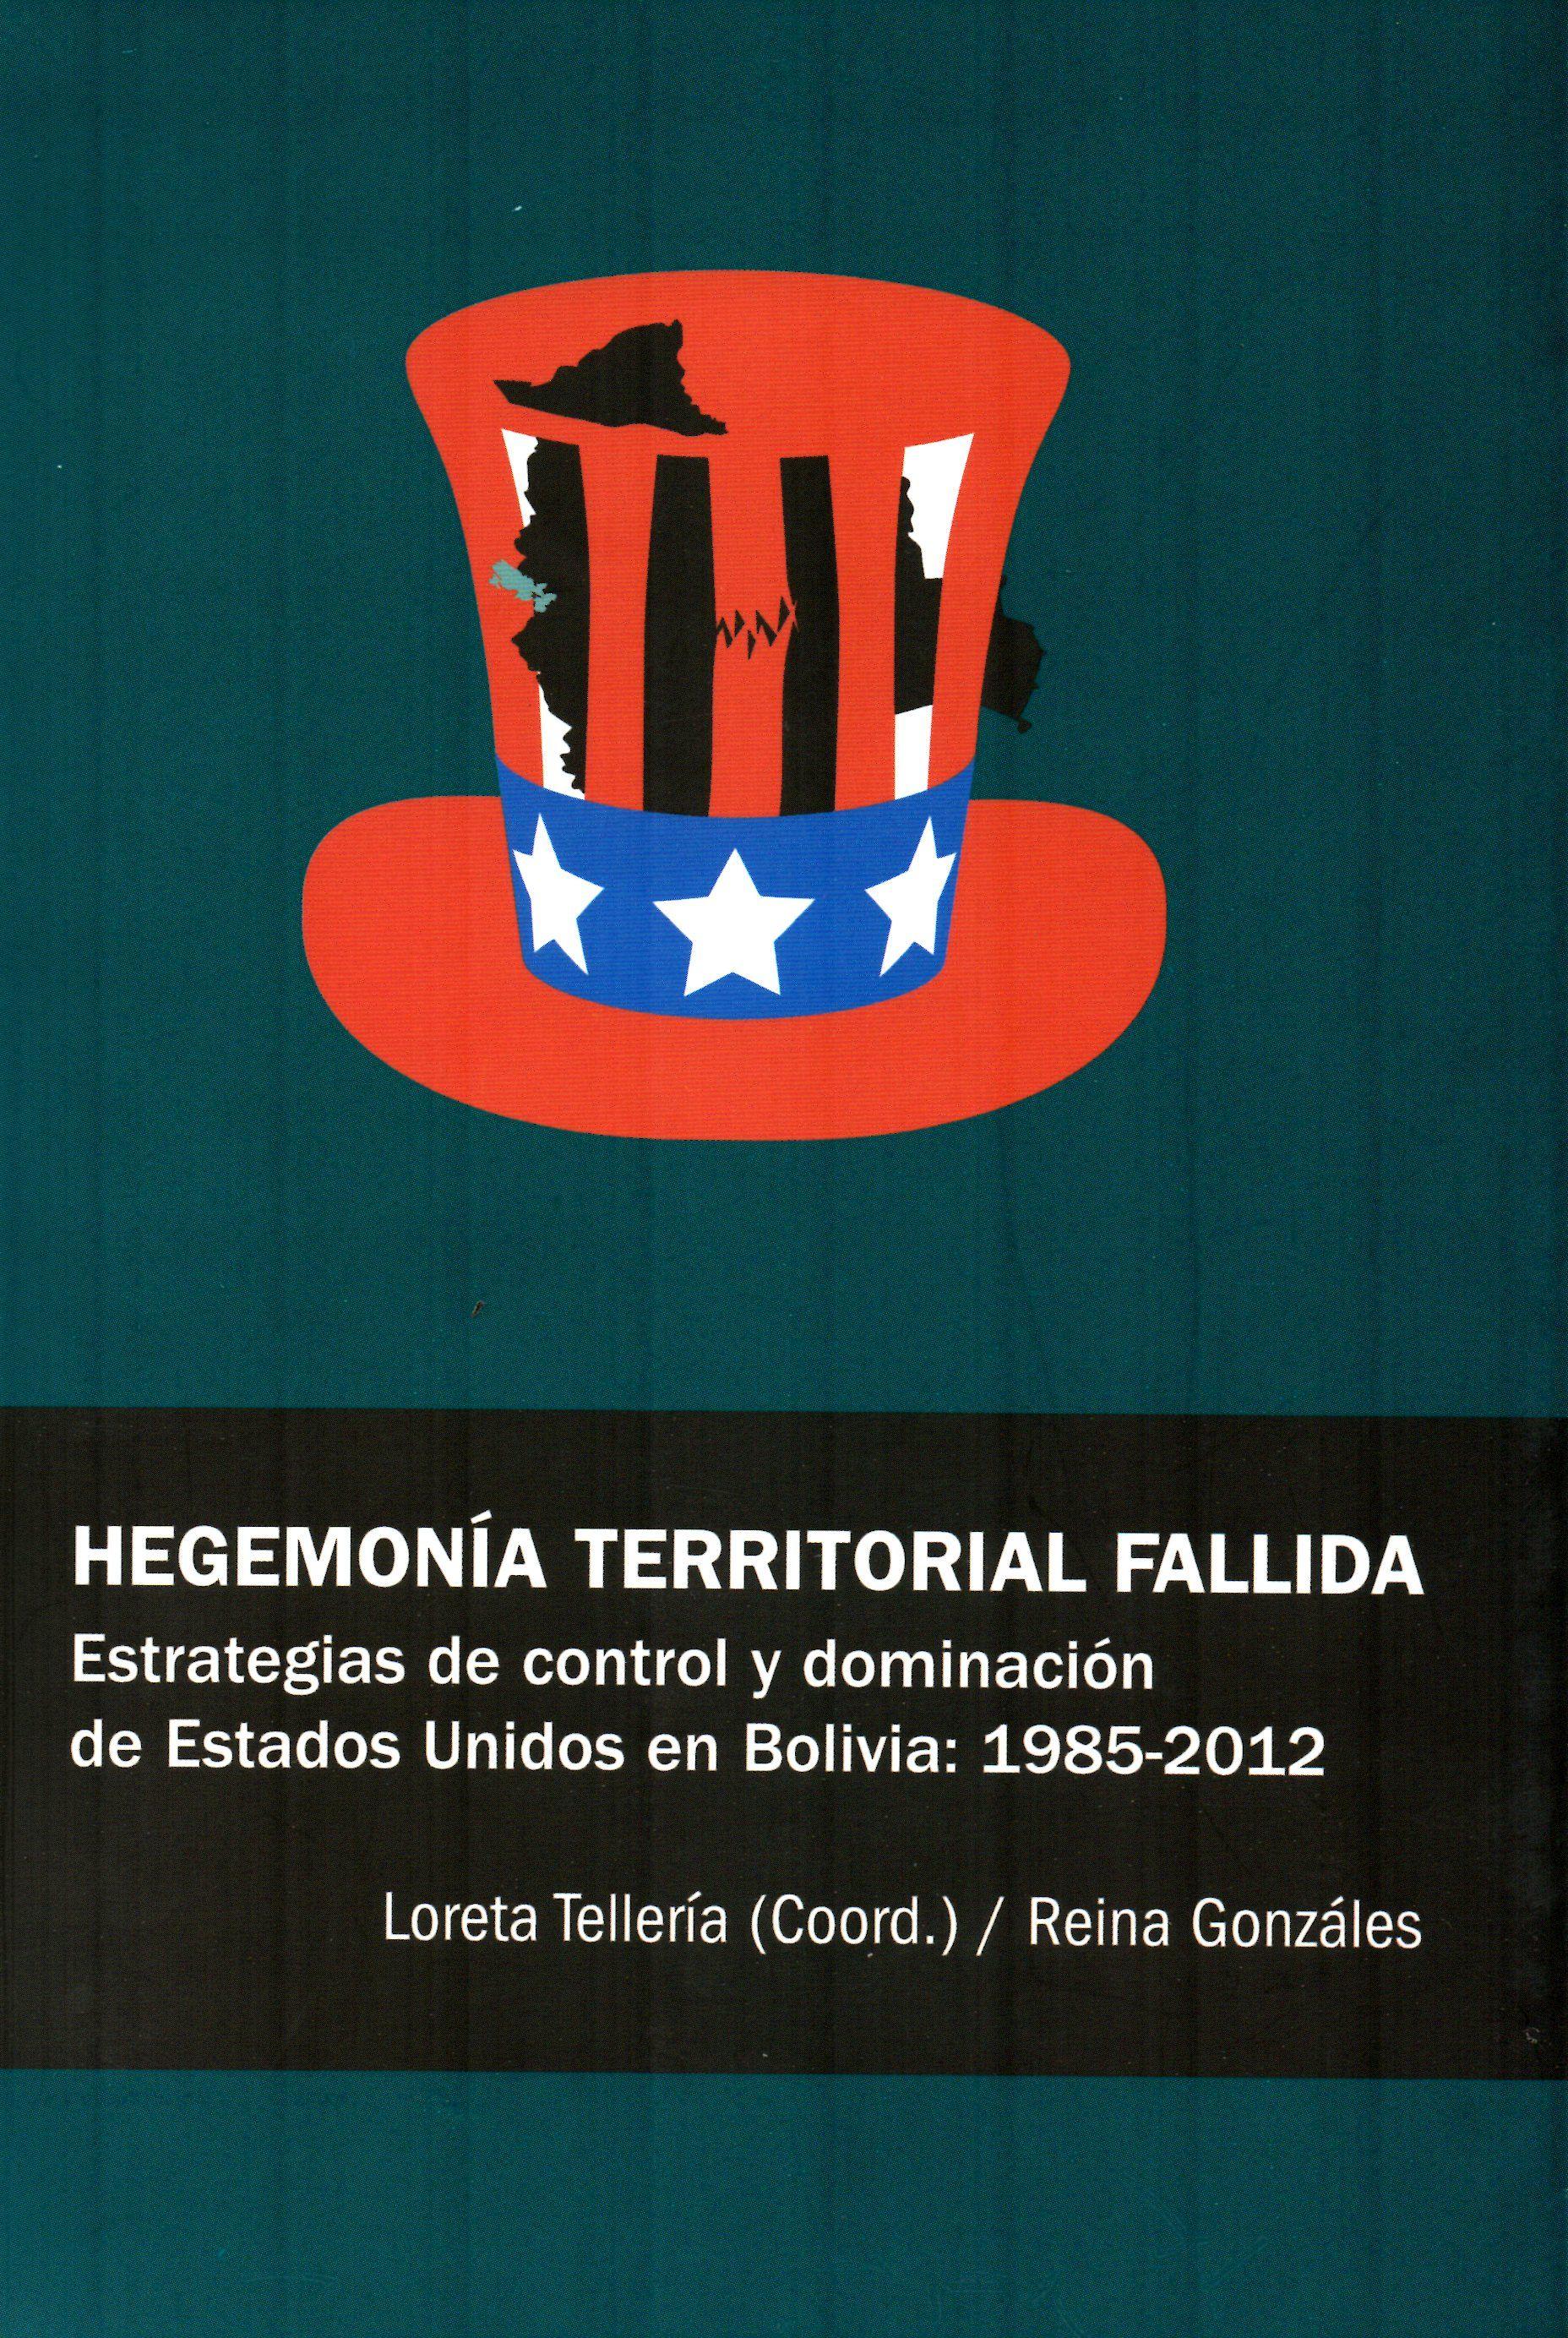 Hegemona territorial fallida estrategias de control y dominacin de hegemona territorial fallida estrategias de control y dominacin de estados unidos en bolivia 1985 fandeluxe Choice Image